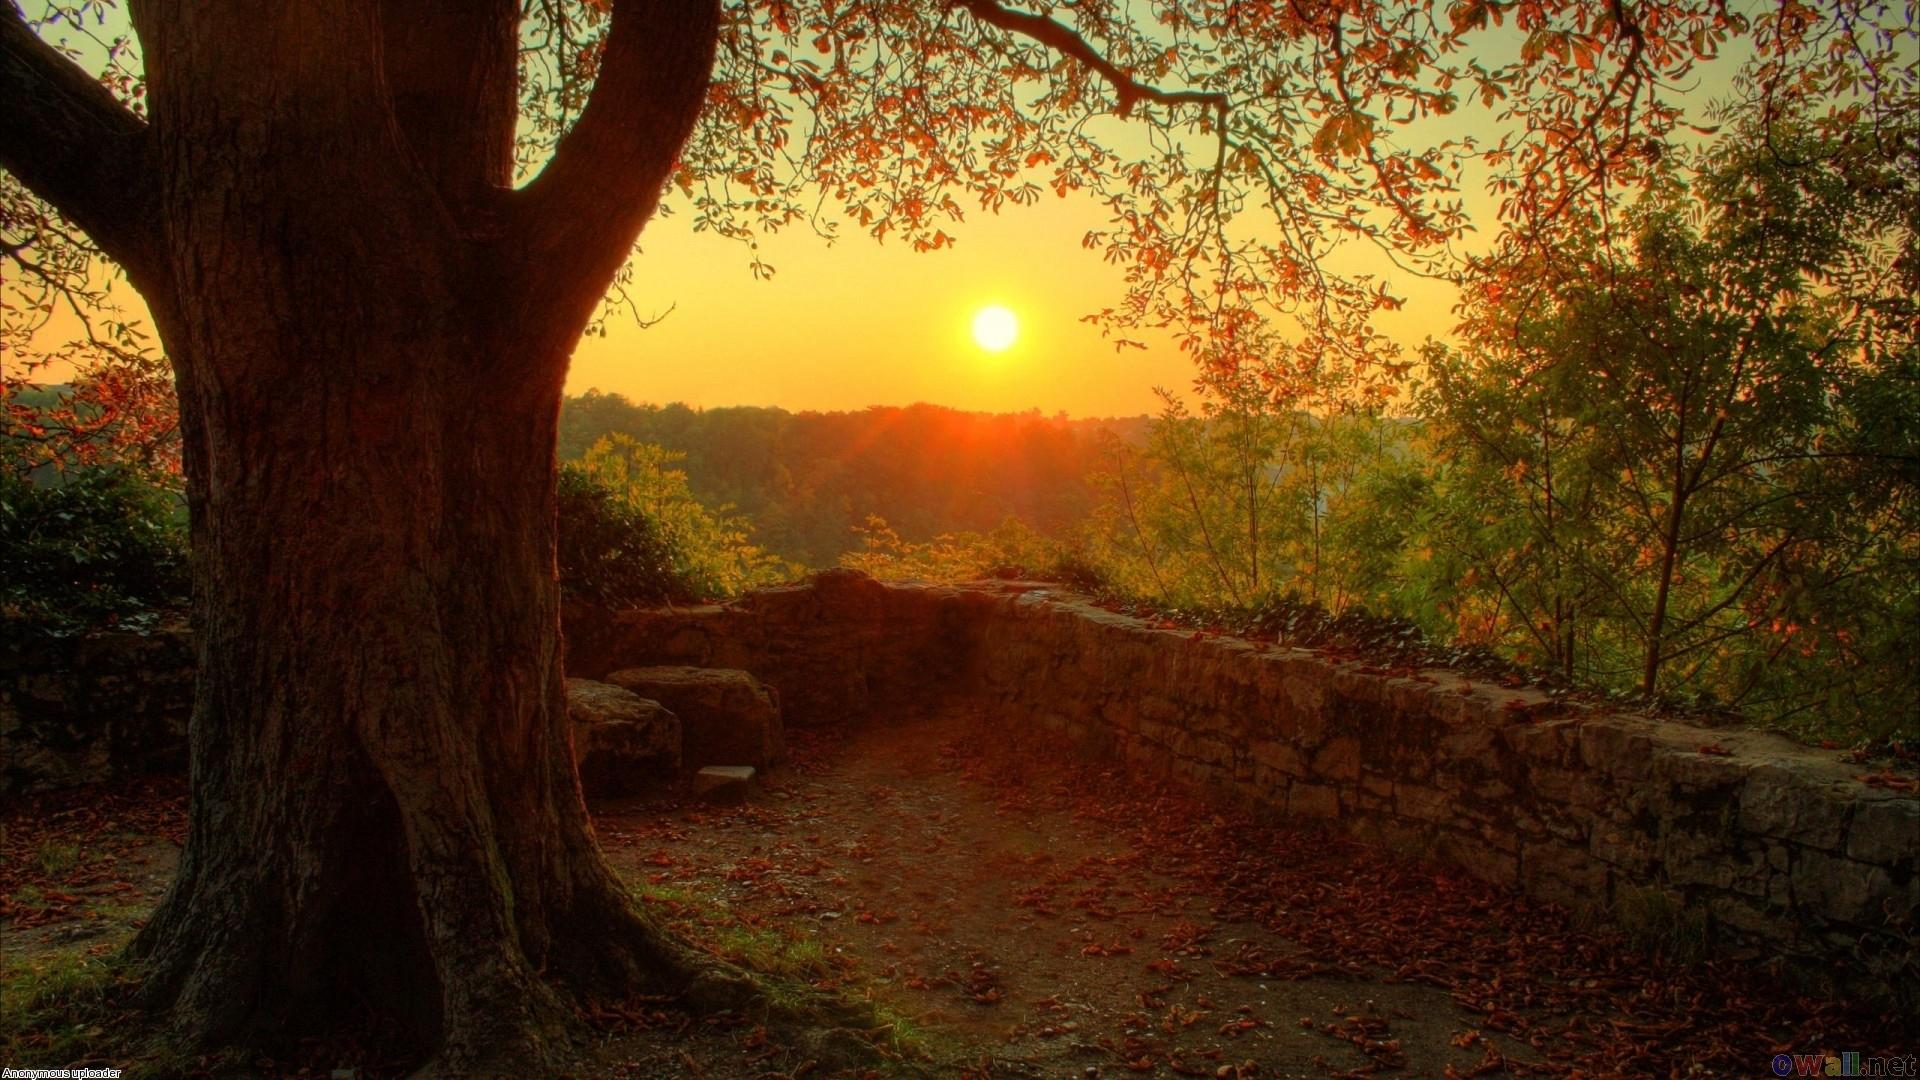 Autumn warm light wallpaper 17573   Open Walls 1920x1080